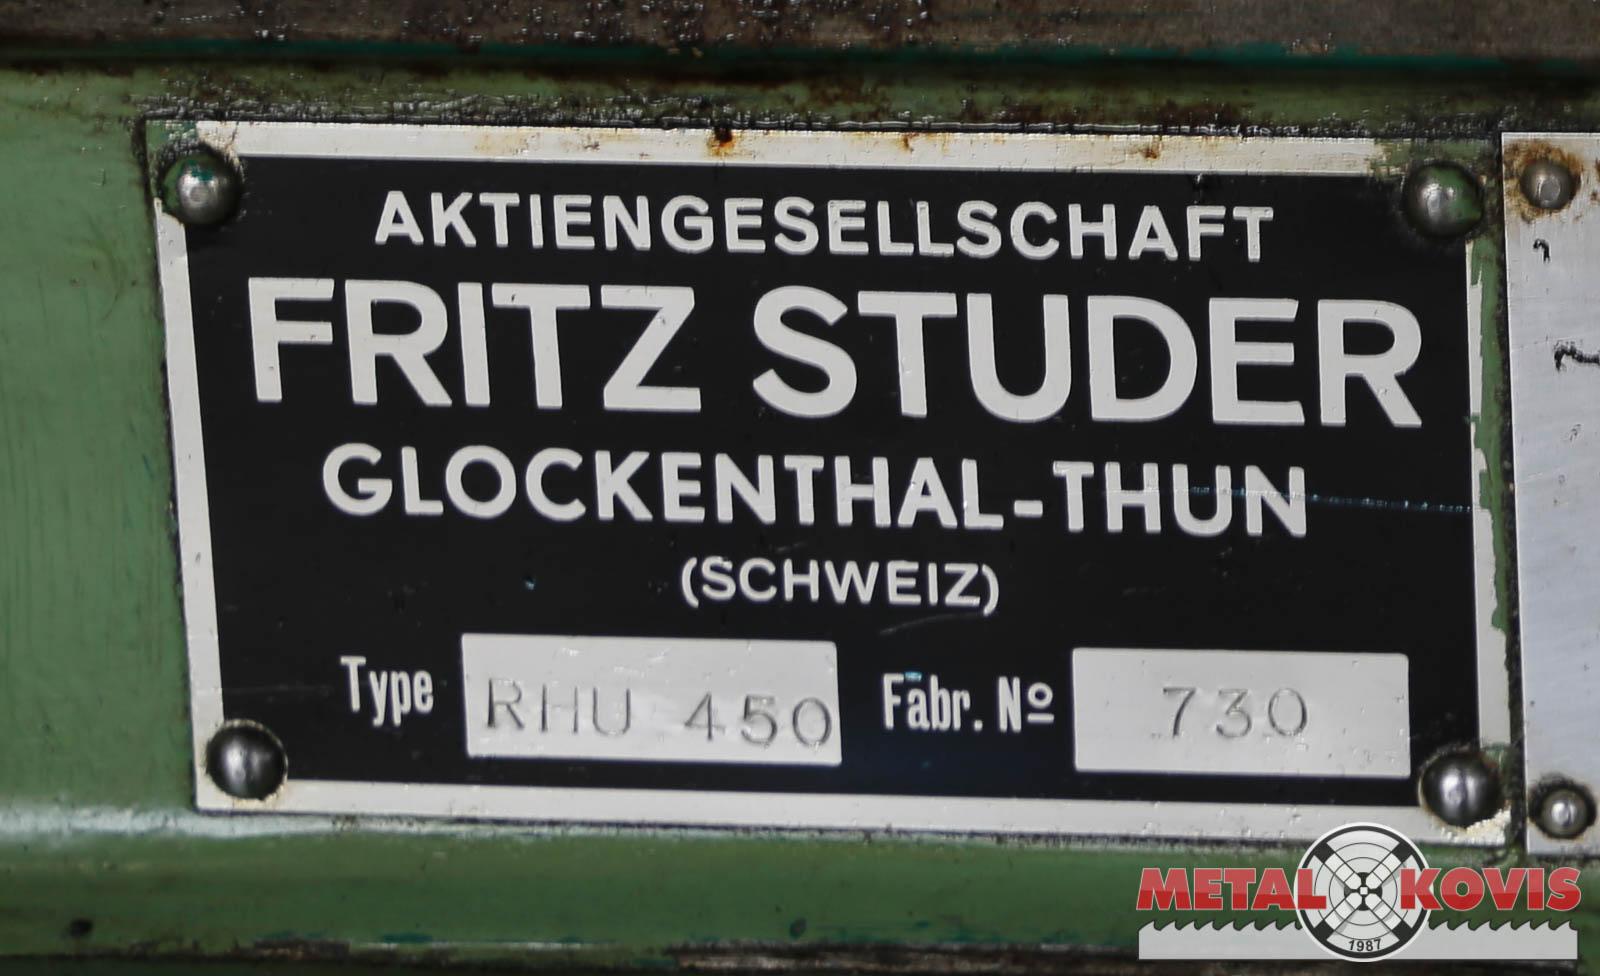 Brusilica za kružno brušenje Fritz Studer RHU 450